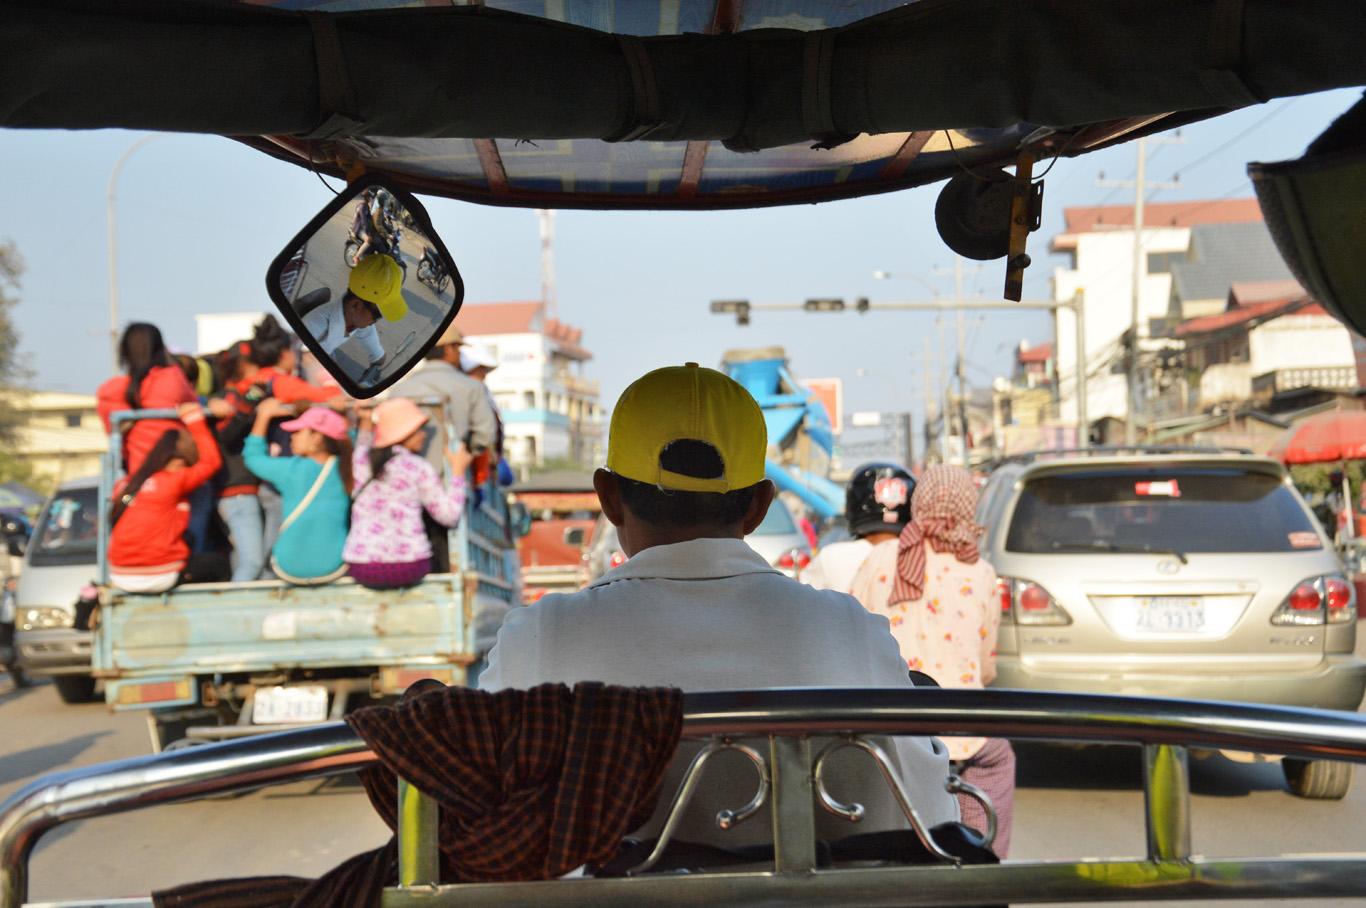 Tuk tuk ride in Phnom Penh